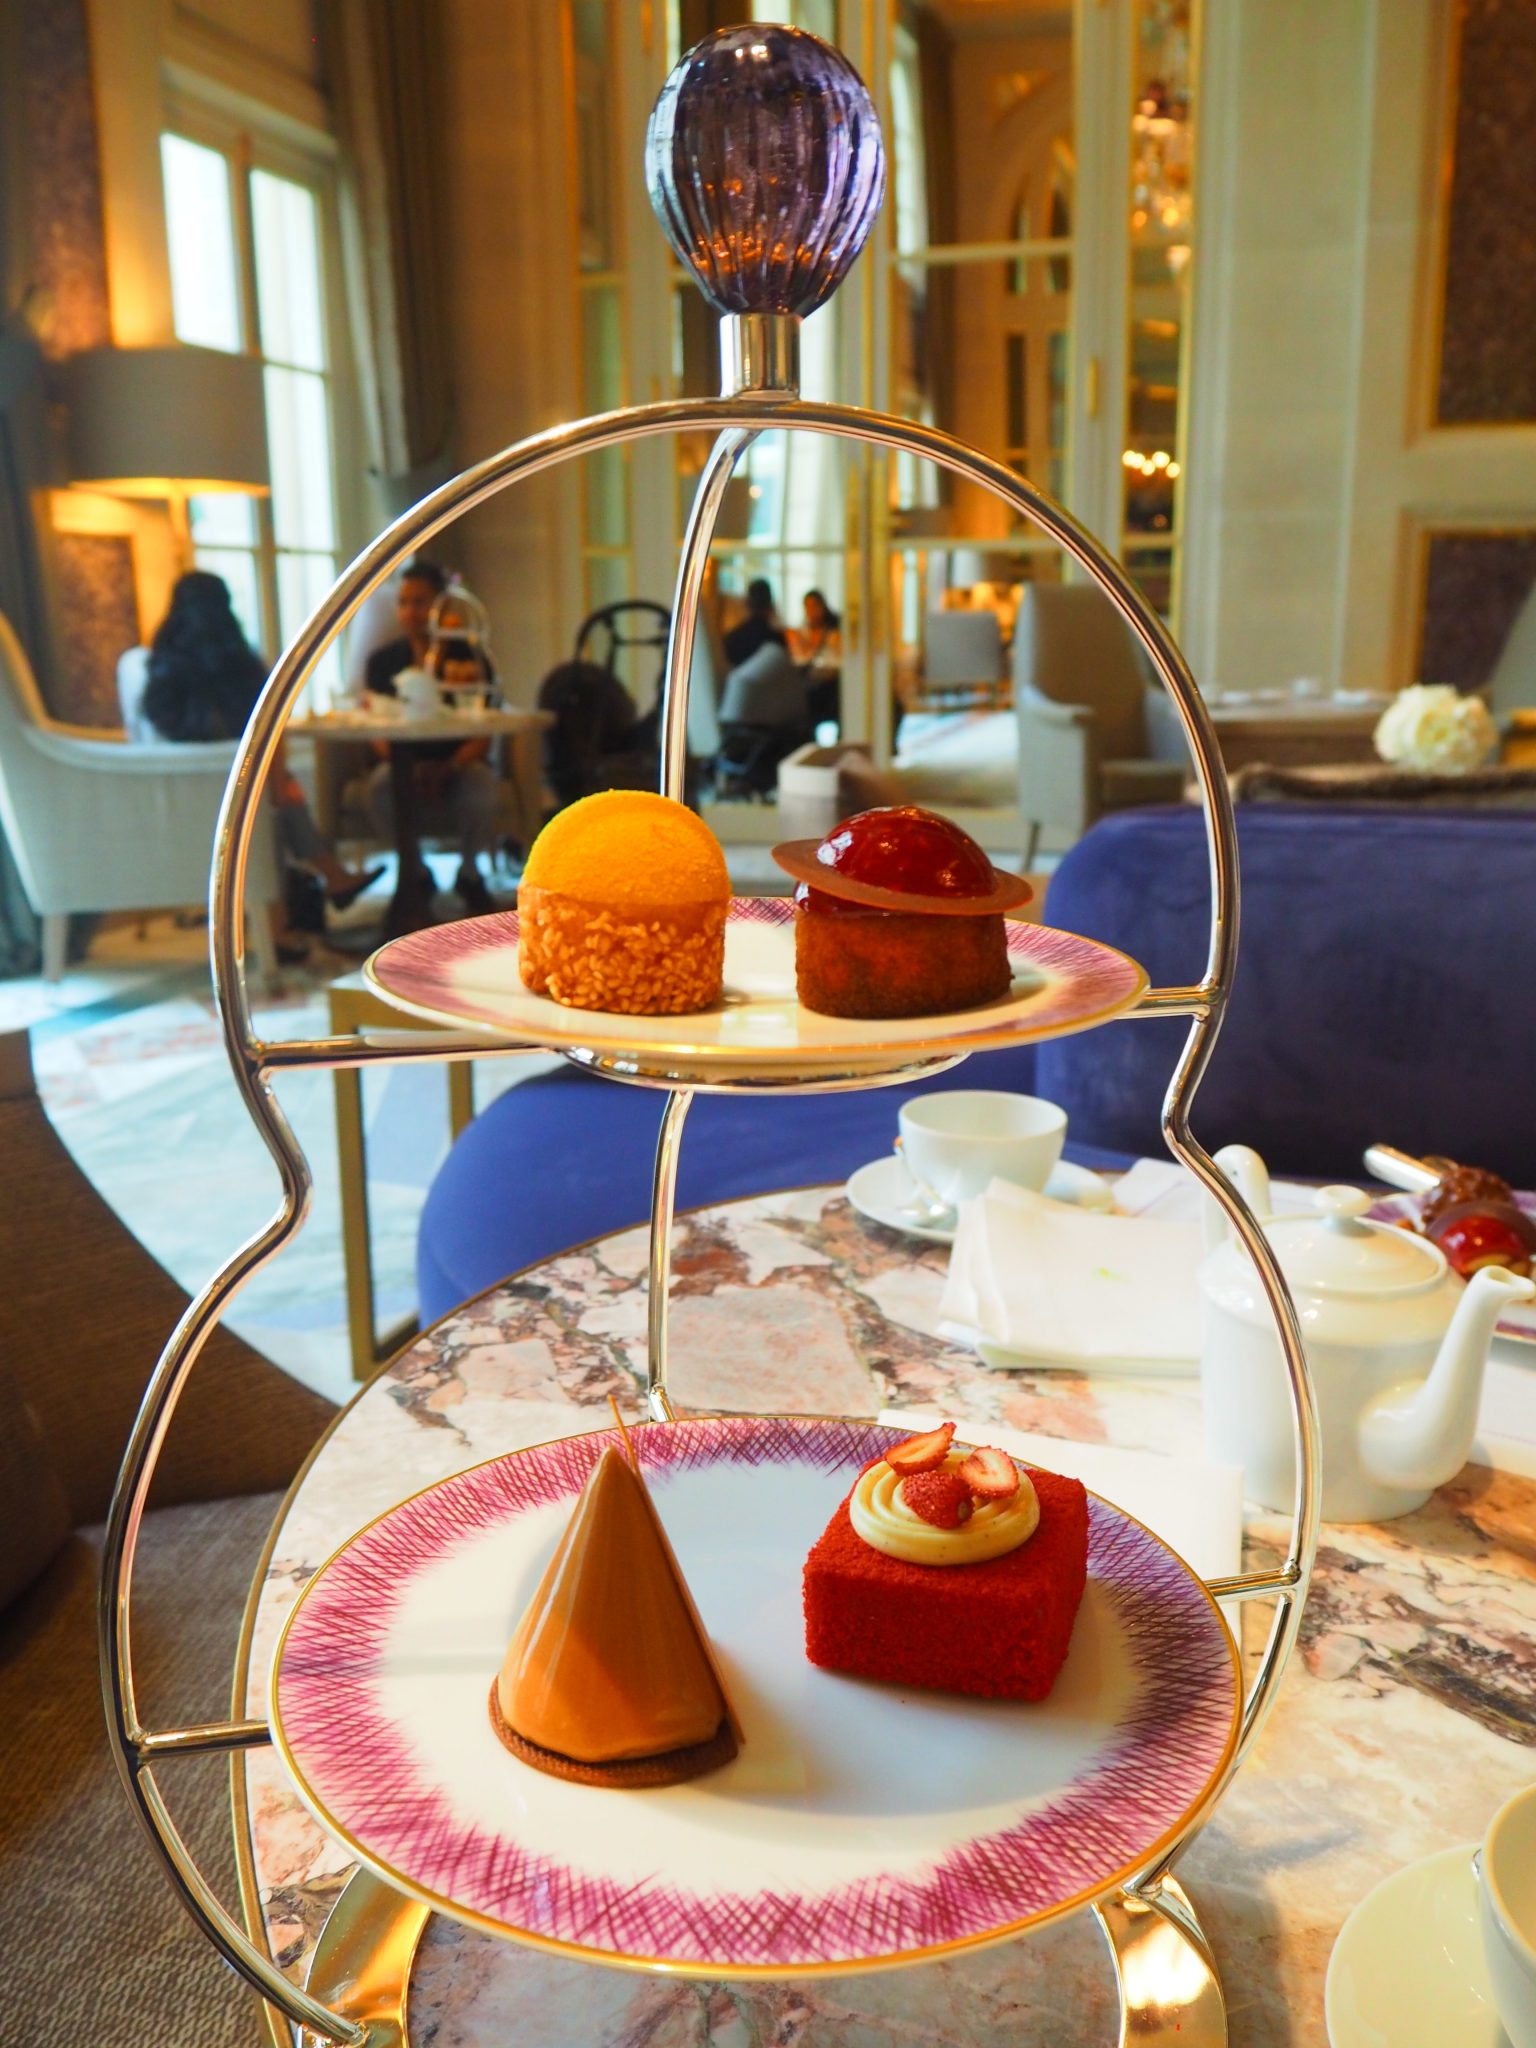 Afternoon Tea / Tea Time - Hôtel de Crillon Paris